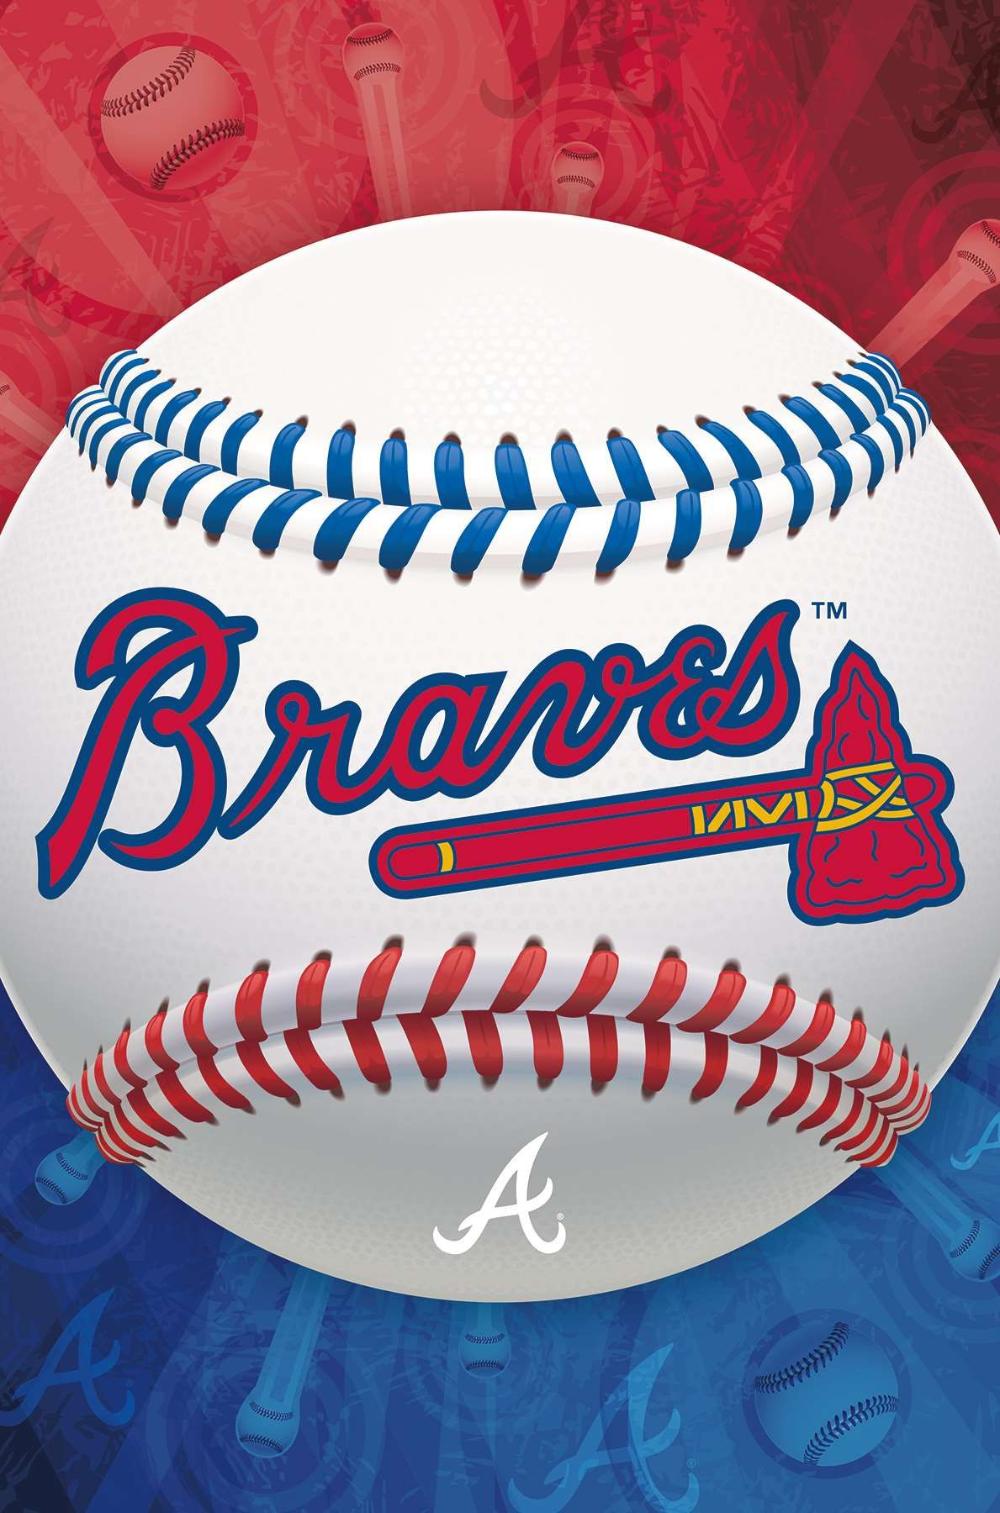 Mlb Atlanta Braves Logo 13 In 2020 Atlanta Braves Logo Atlanta Braves Wallpaper Atlanta Braves Baseball